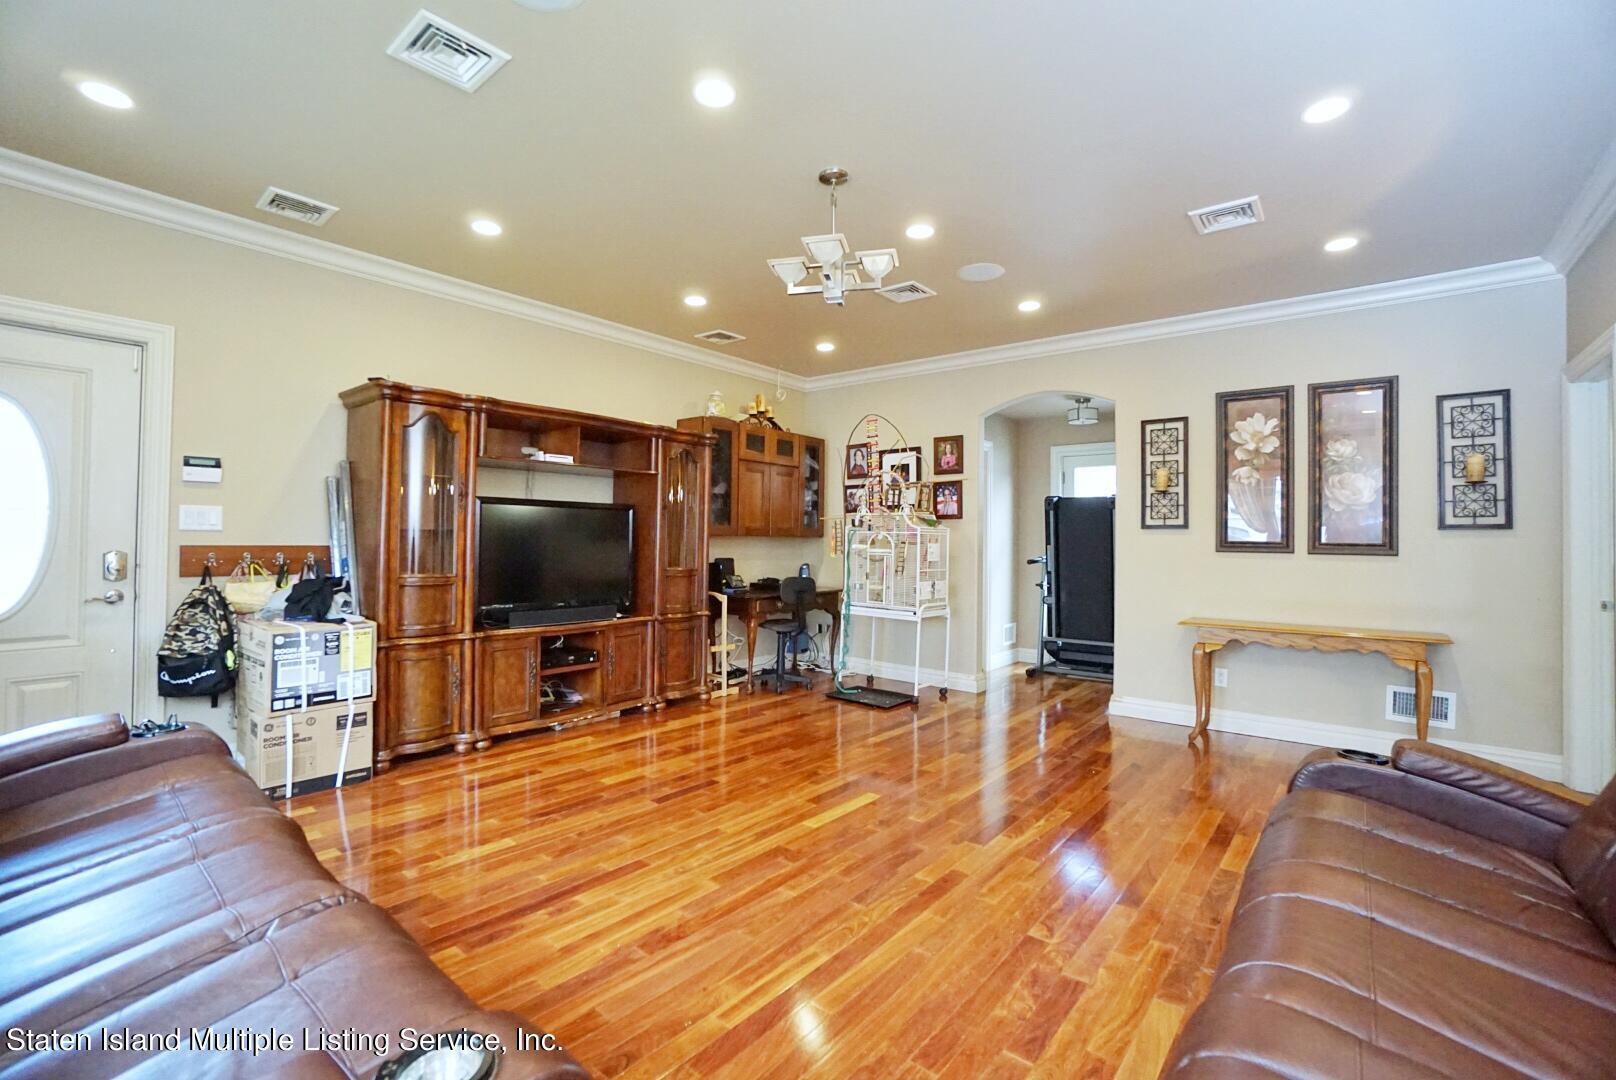 Single Family - Detached 206 Ramapo Avenue  Staten Island, NY 10309, MLS-1147193-7